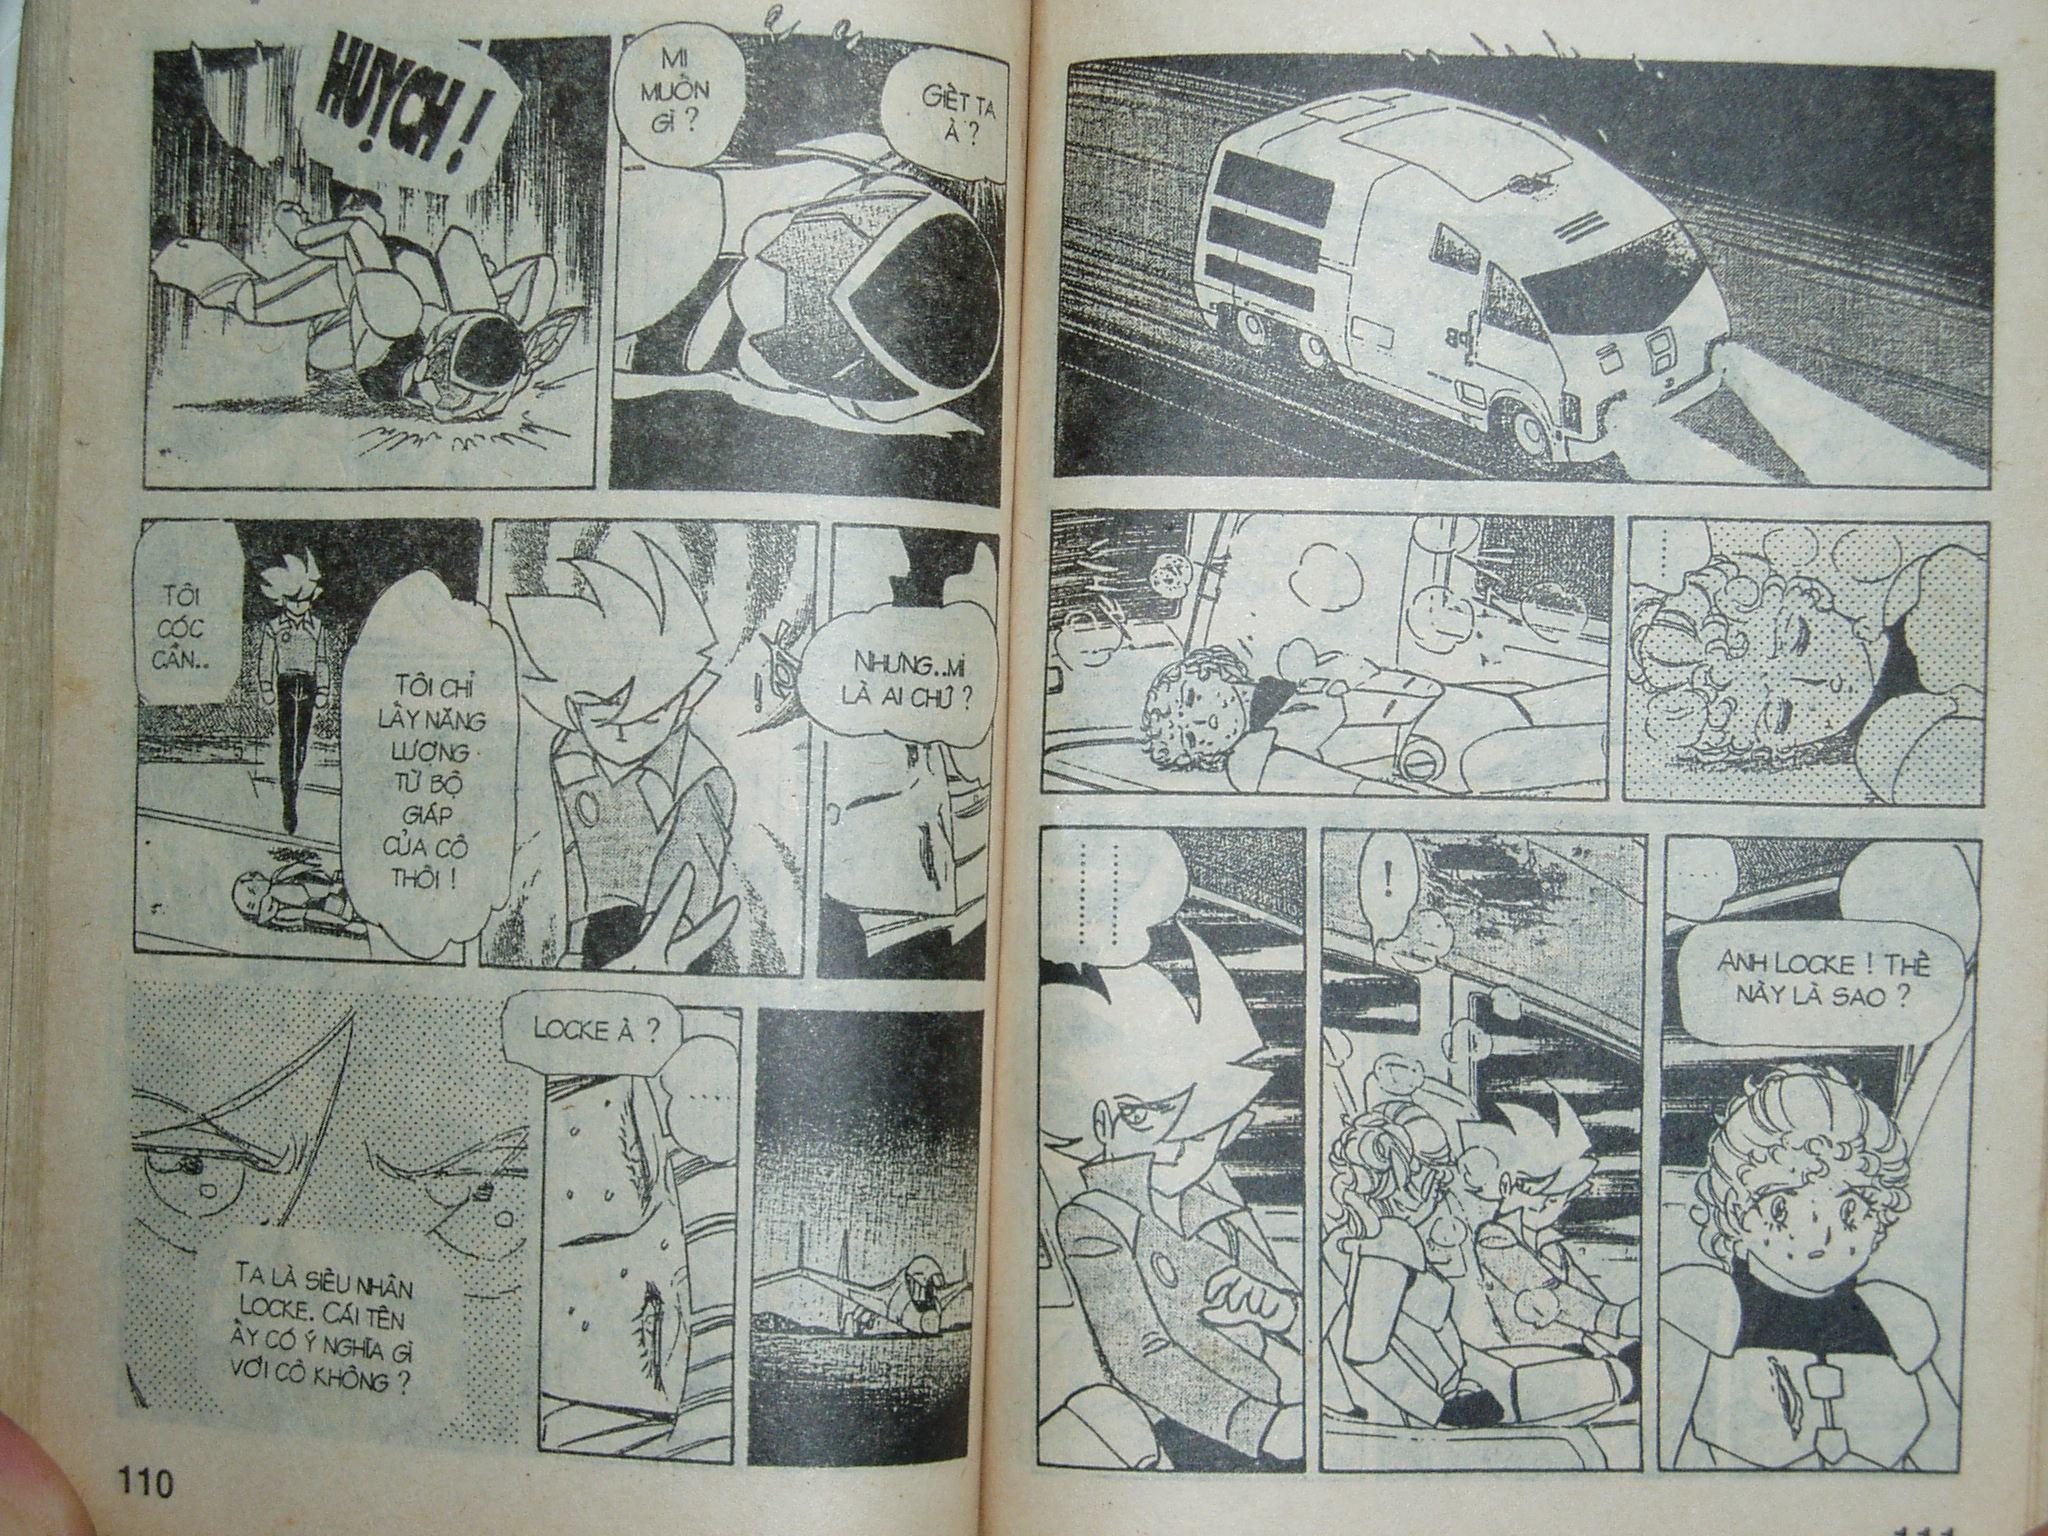 Siêu nhân Locke vol 16 trang 54